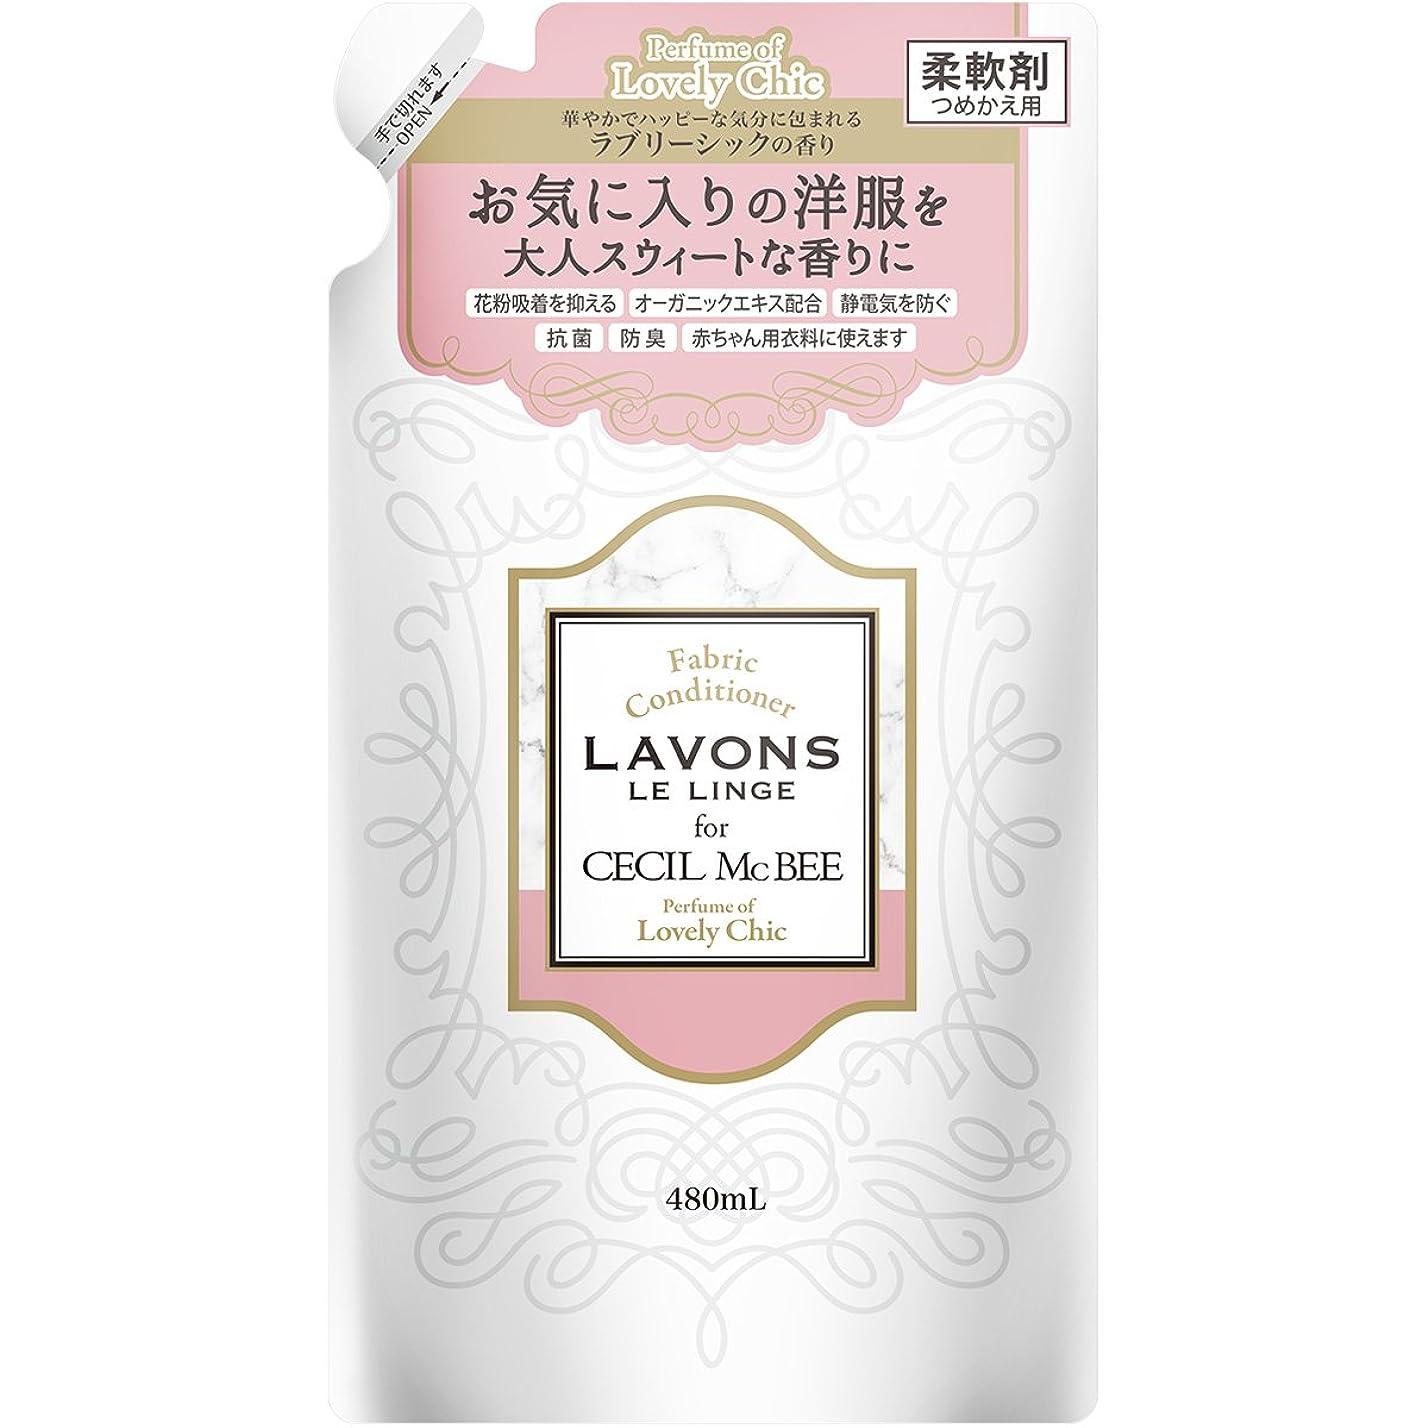 承知しました過度に海峡ひもラボン for CECIL McBEE 柔軟剤 ラブリーシックの香り 詰め替え 480ml